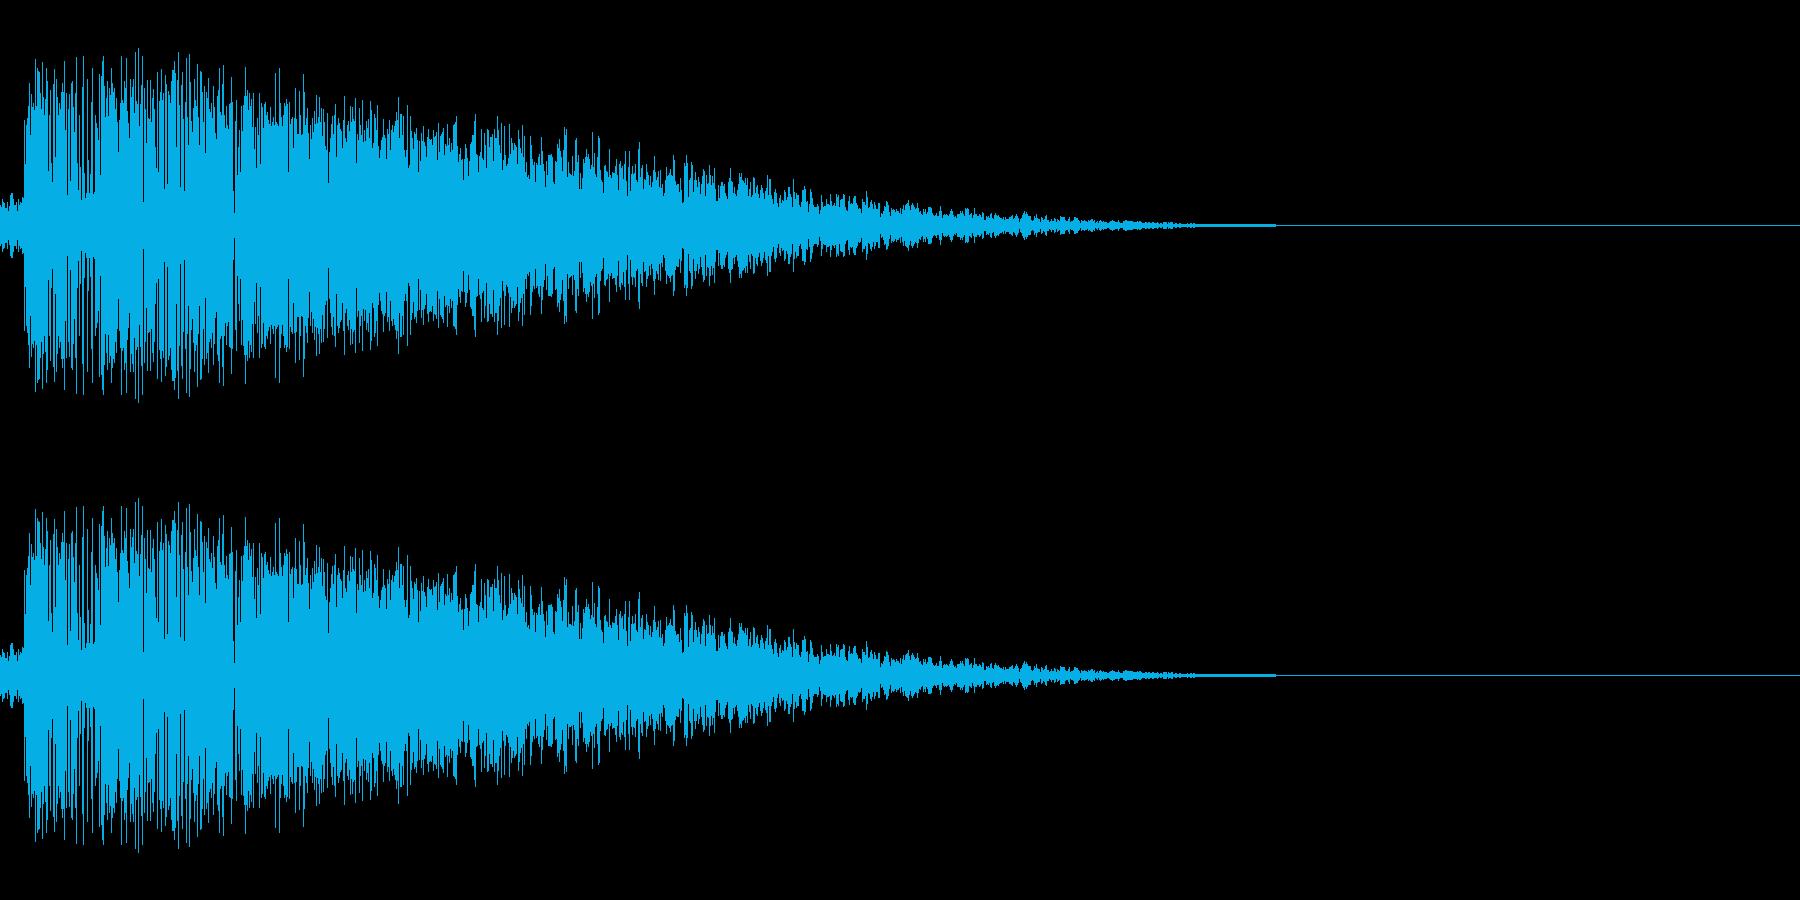 キーン(刀/剣/決定音/アプリ)の再生済みの波形